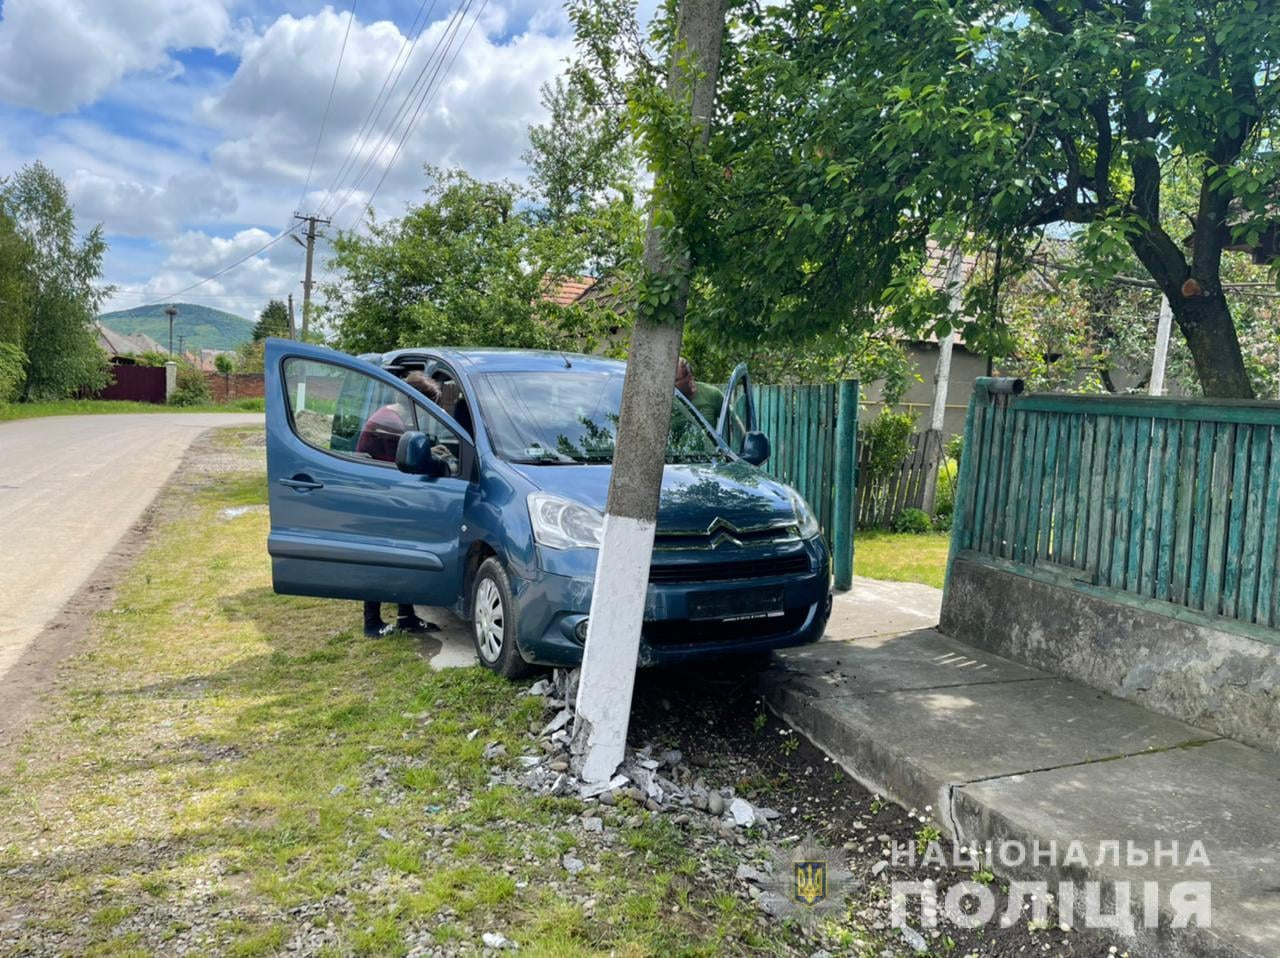 Вчера, 24 мая, в полицию поступило сообщение о ДТП в селе Шаланки Рериховского района.